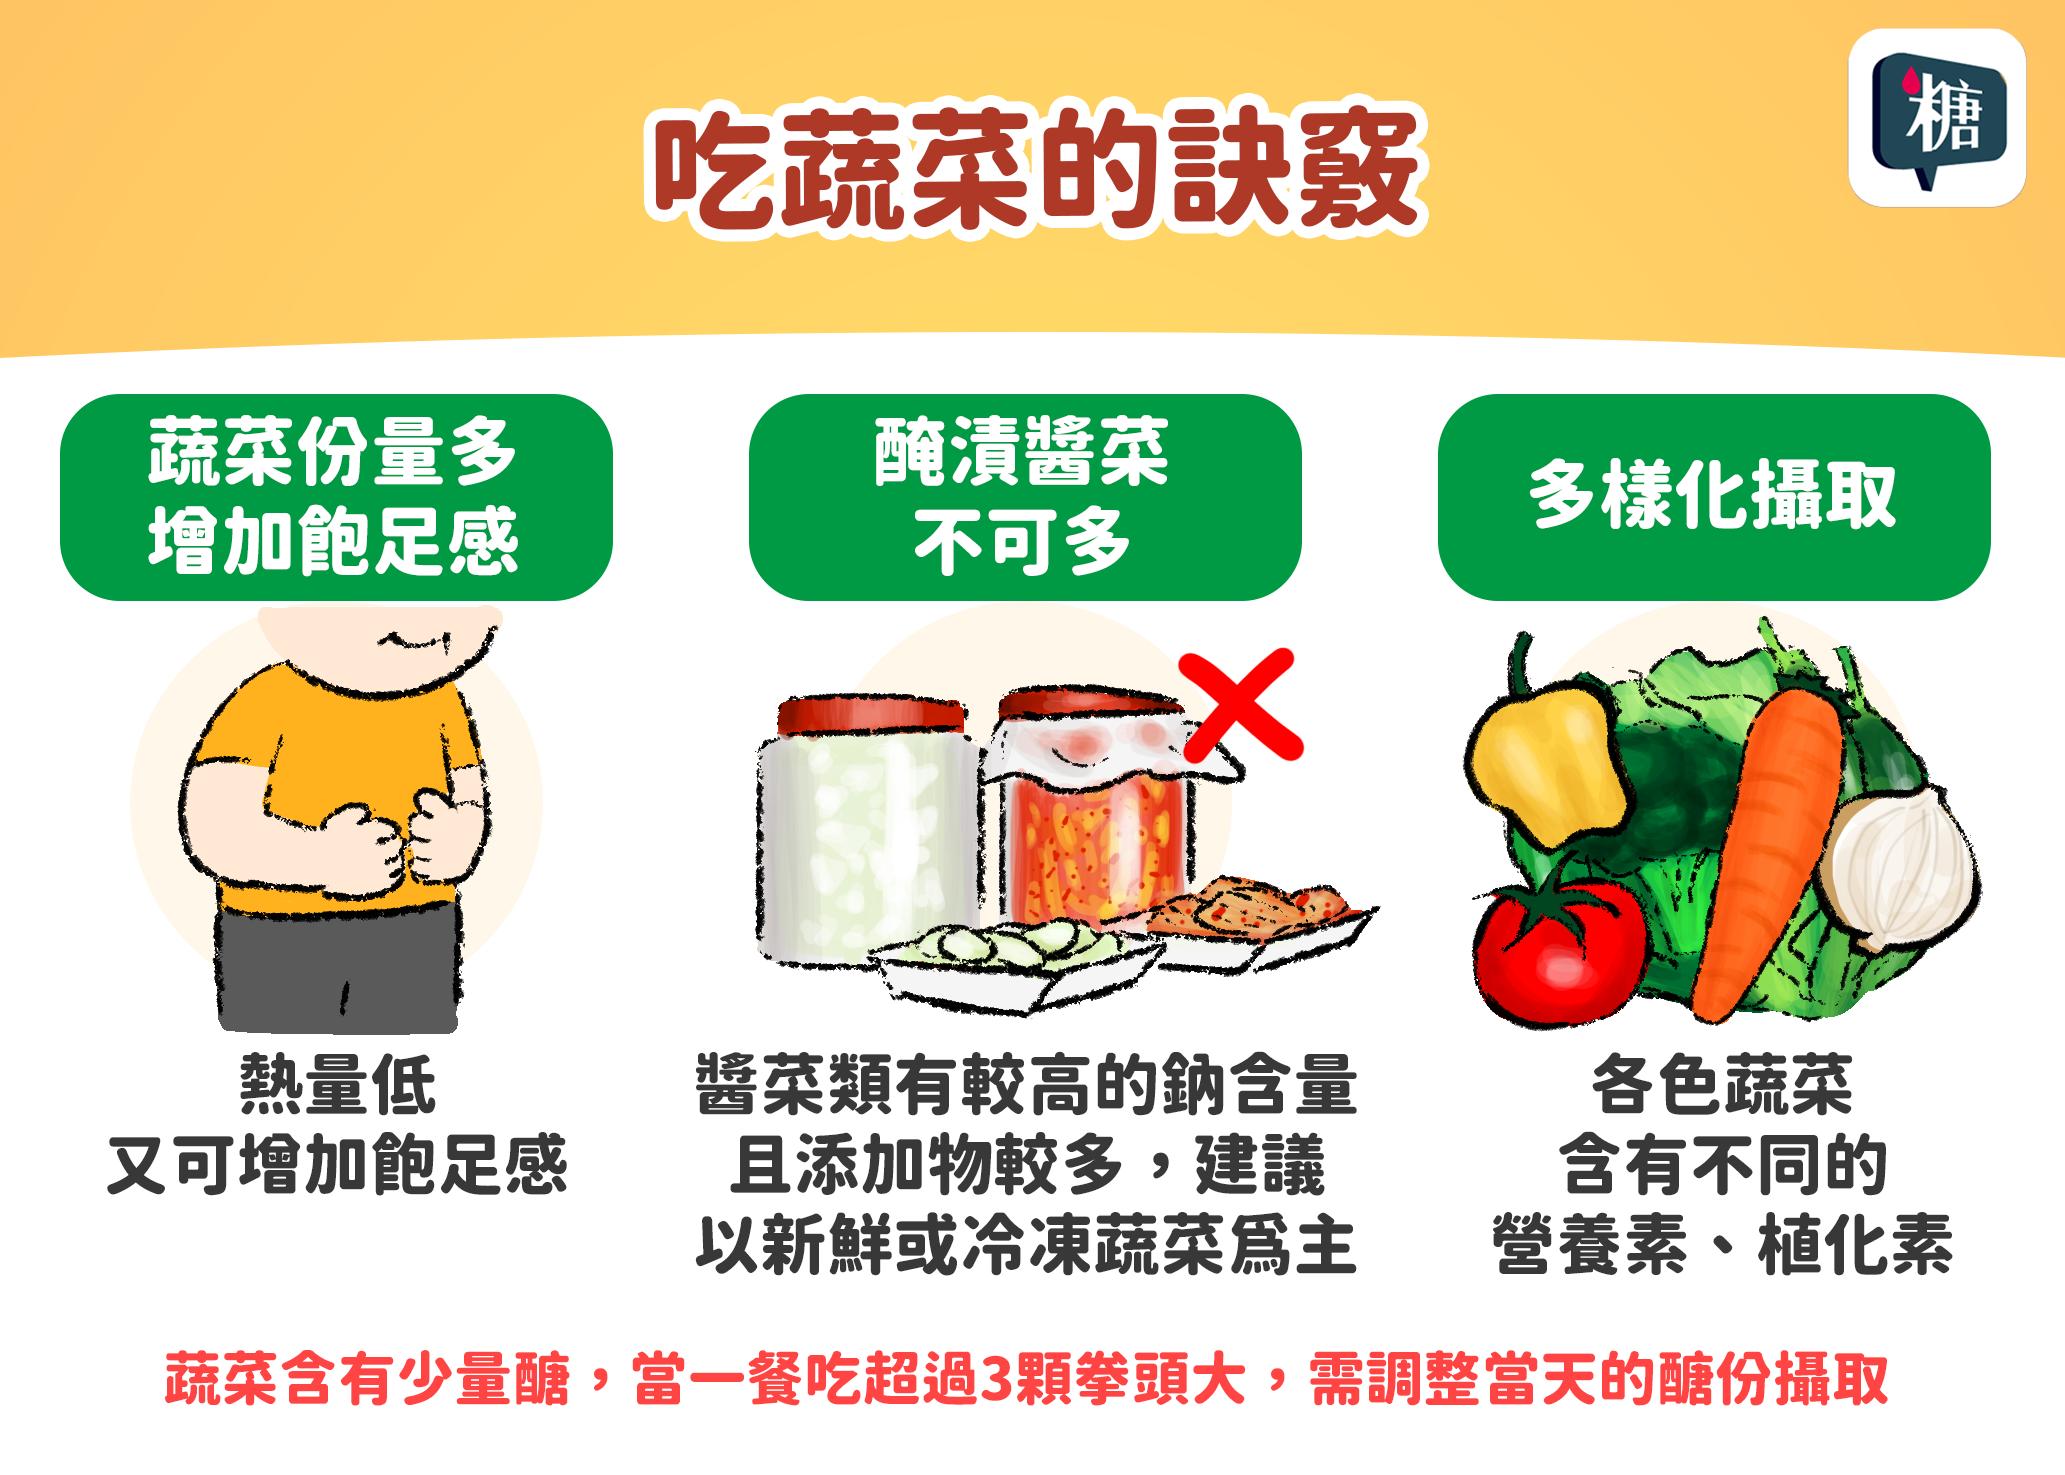 吃蔬菜的訣竅,多吃各色蔬菜,攝取多元營養素